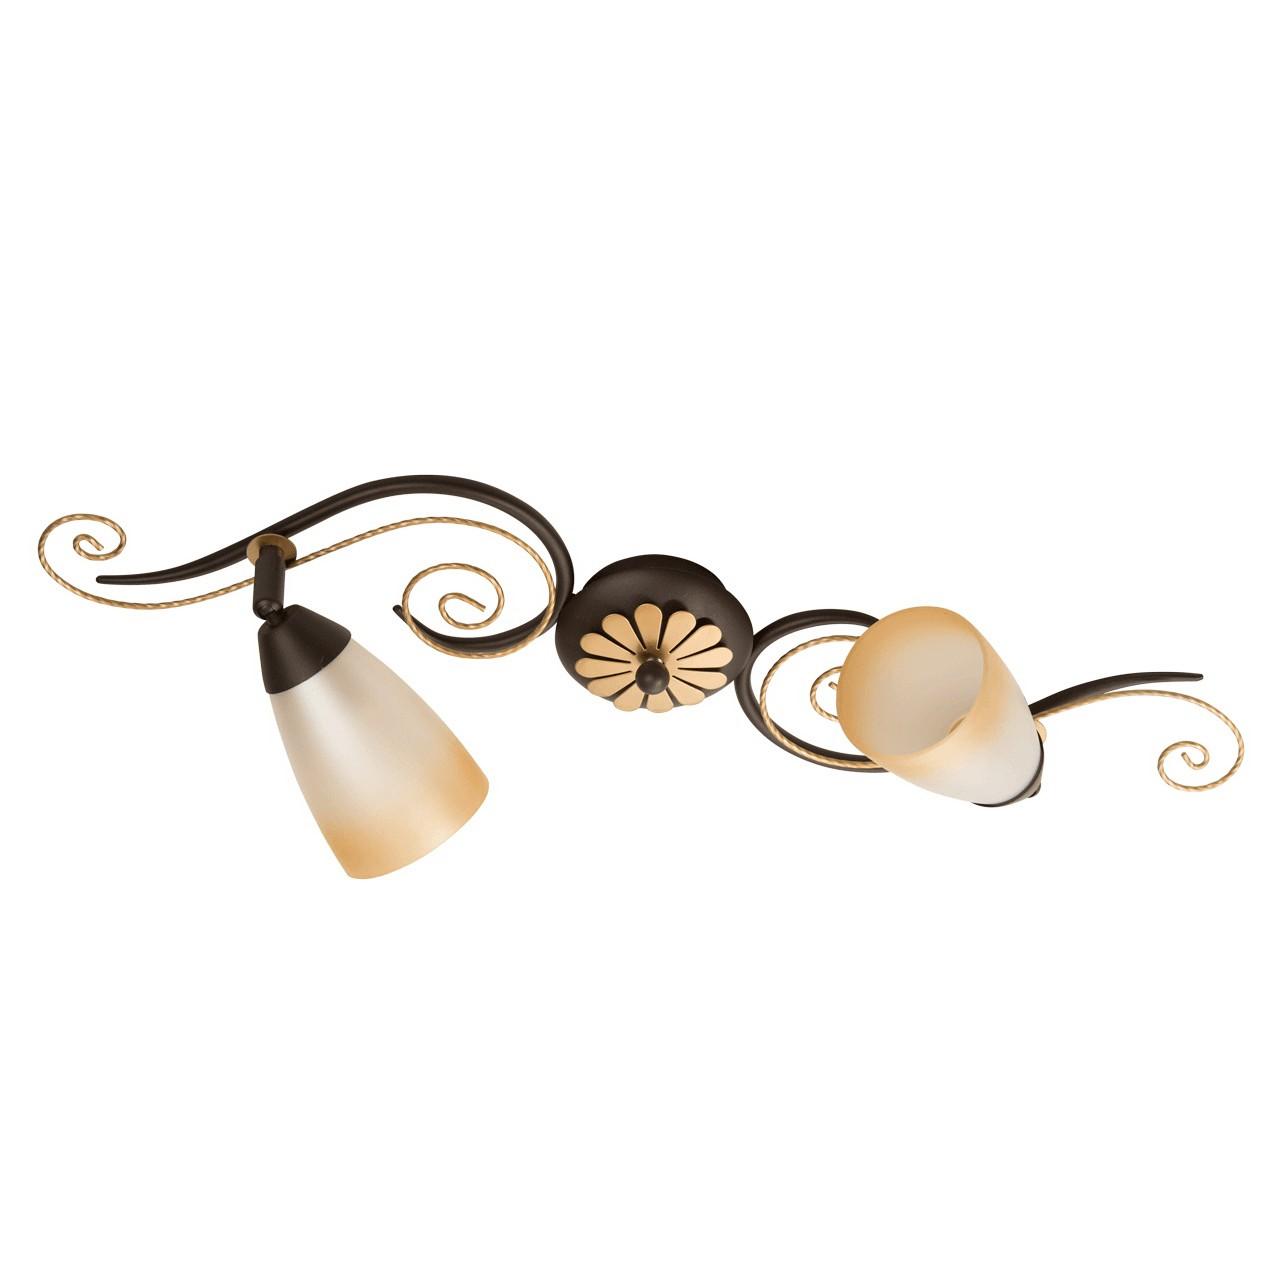 Бра Demarkt cityНастенные светильники и бра<br>Тип: бра, Назначение светильника: для комнаты, Стиль светильника: ковка, Материал светильника: металл, стекло, Тип лампы: накаливания, Количество ламп: 2, Мощность: 40, Патрон: Е14, Цвет арматуры: черный, Длина (мм): 630, Ширина: 120, Высота: 210, Диаметр: 650, Коллекция: Аида<br>